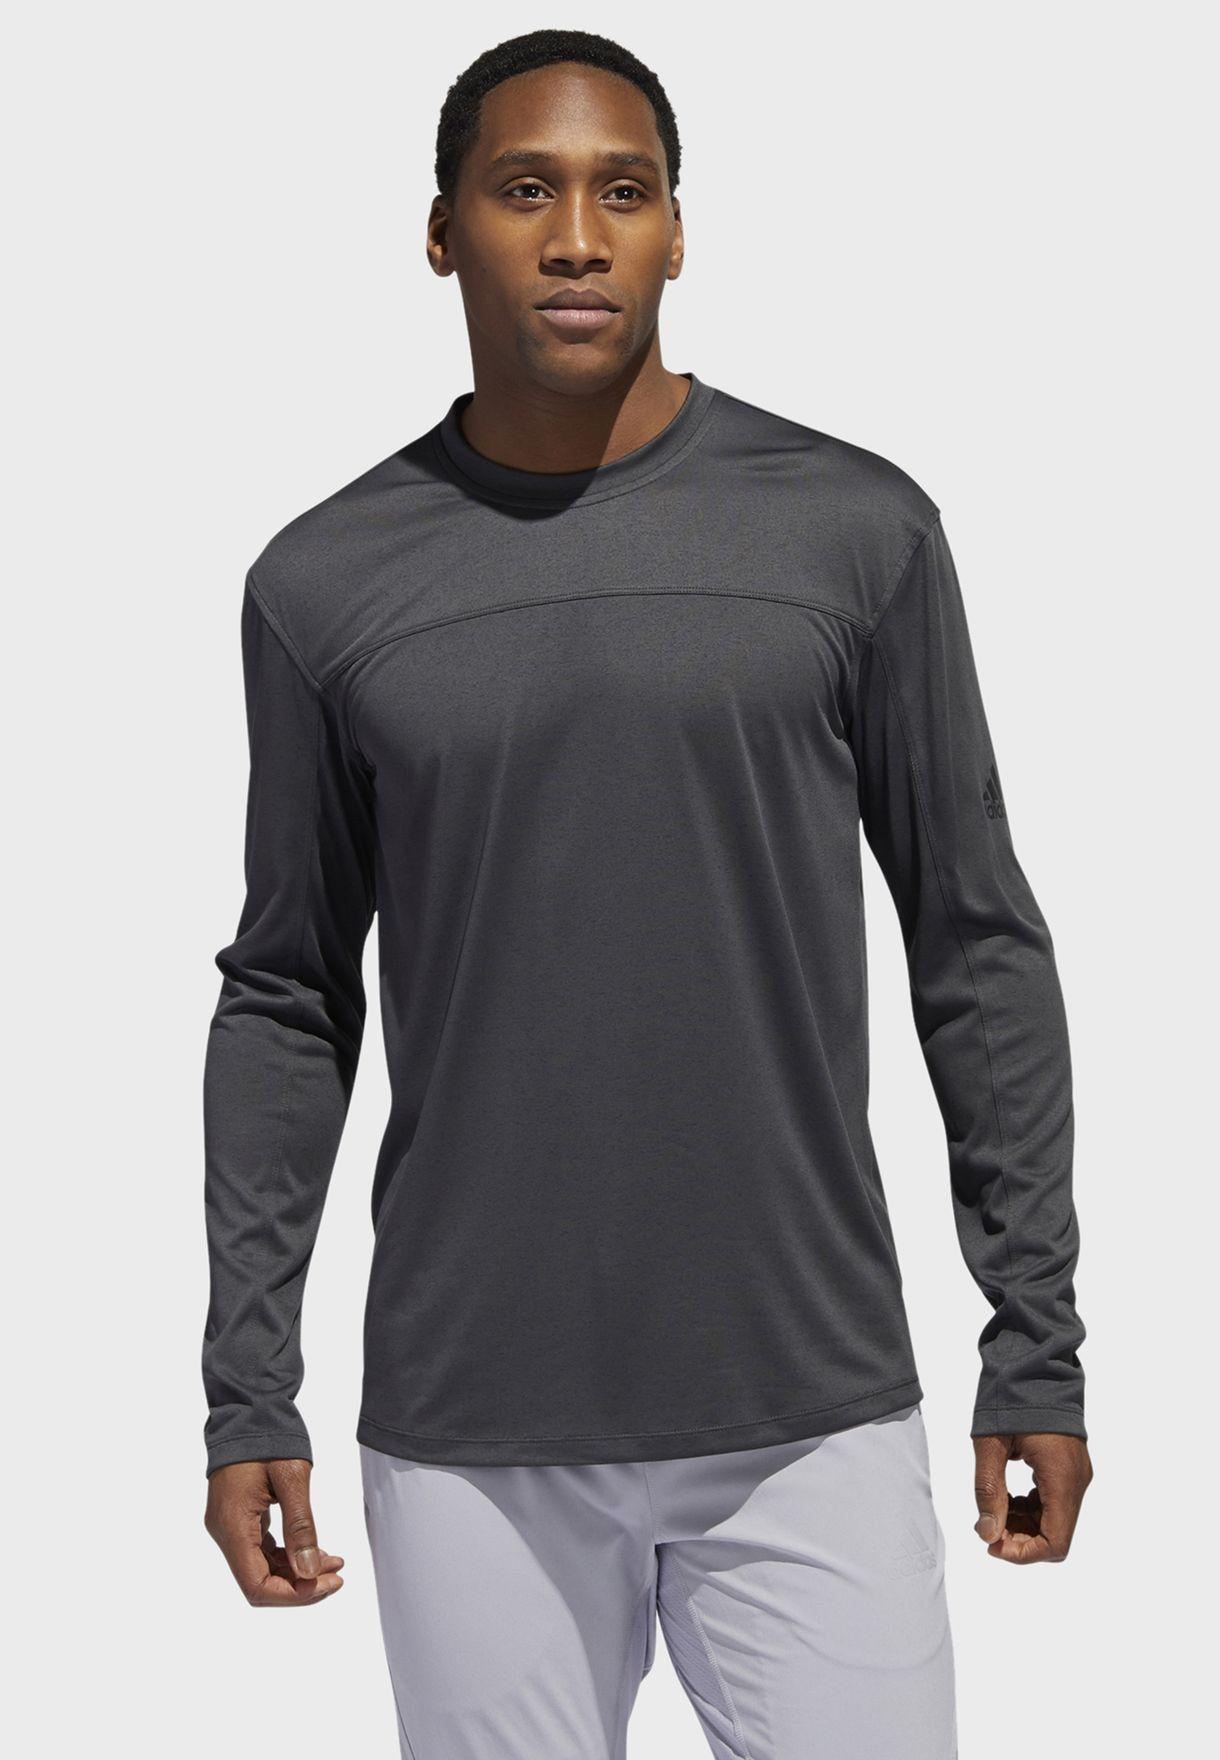 Aero Ready City T-Shirt